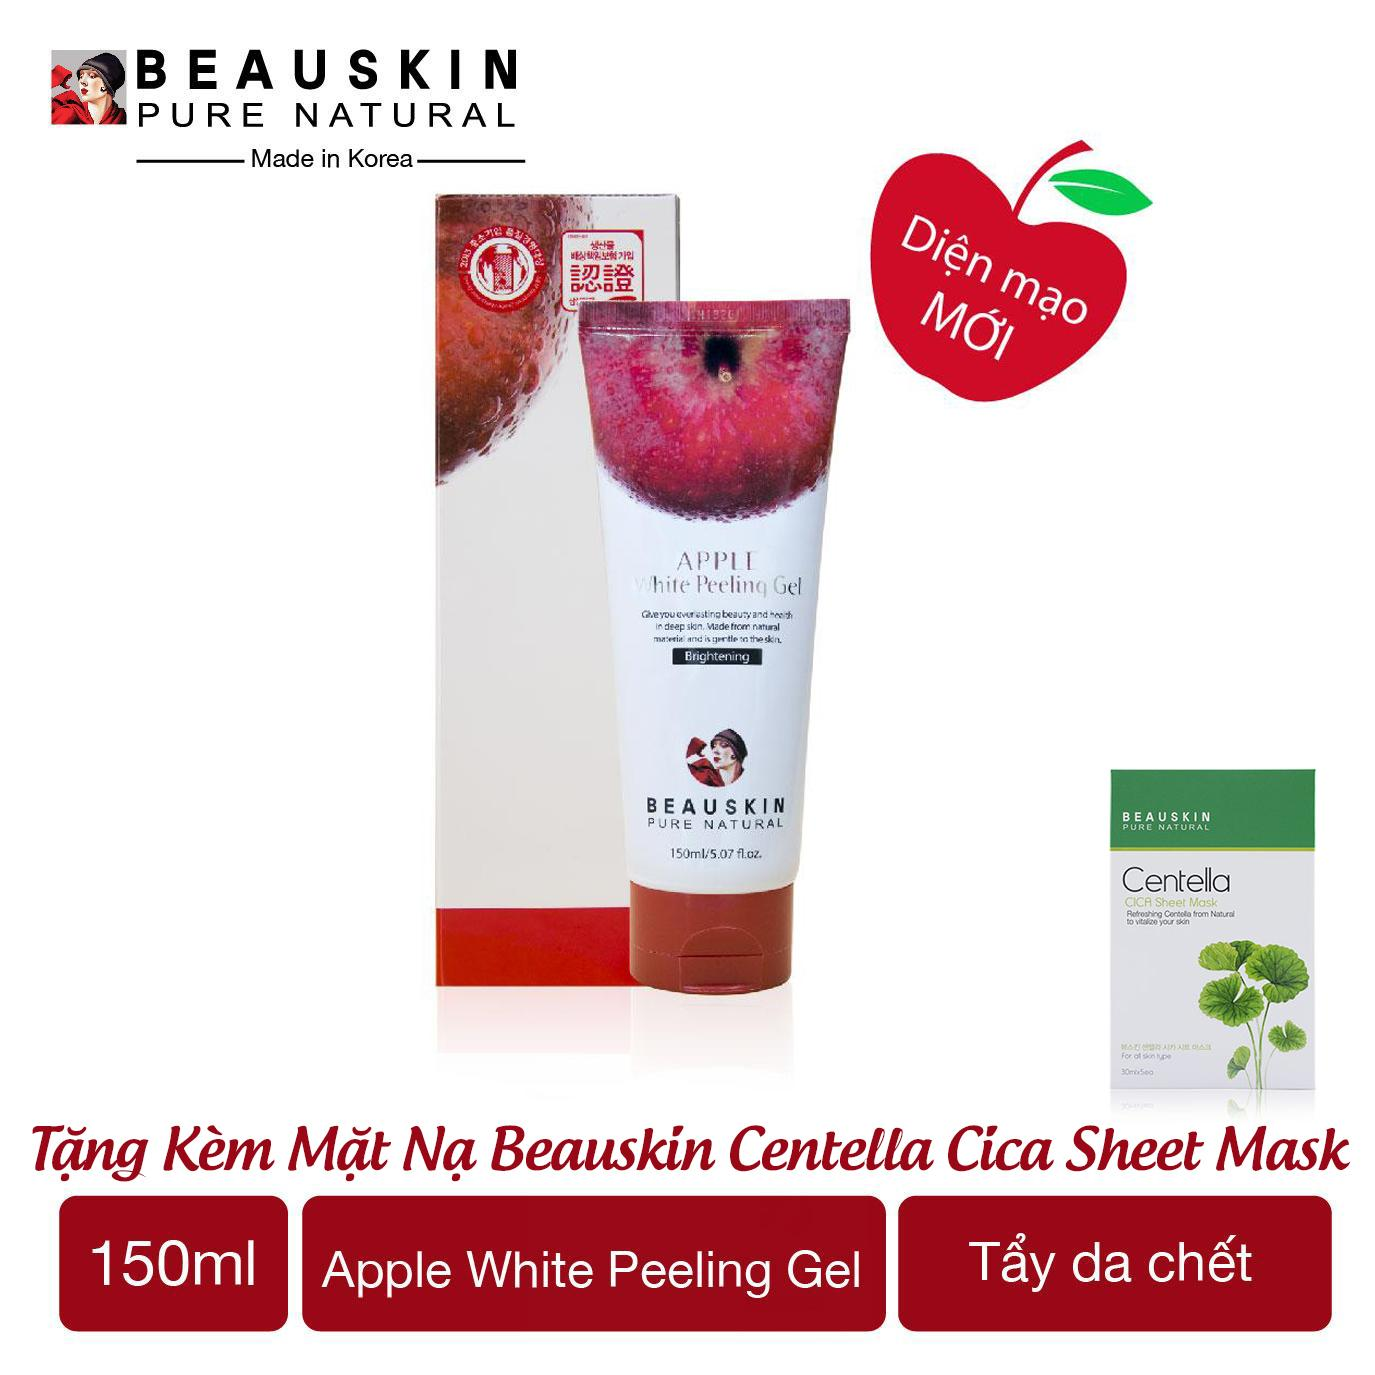 Tẩy da chết làm sạch sâu và ngừa mụn Beauskin Apple White Peeling Gel - Hàn Quốc Chính Hãng